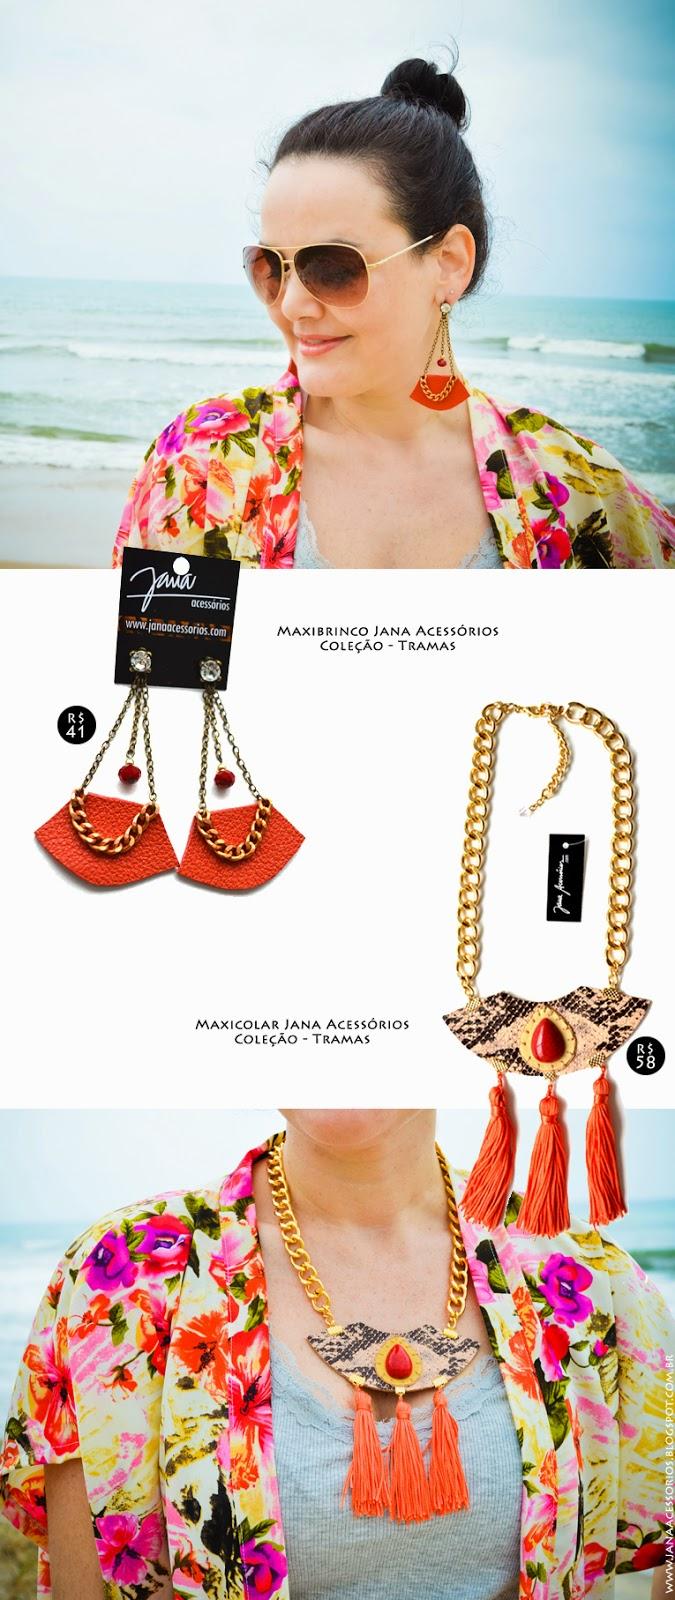 Blog da Jana, blogueira, joinville, blogger, acessórios, blog de acessórios, laranja, Jana Acessórios - Verão 2015